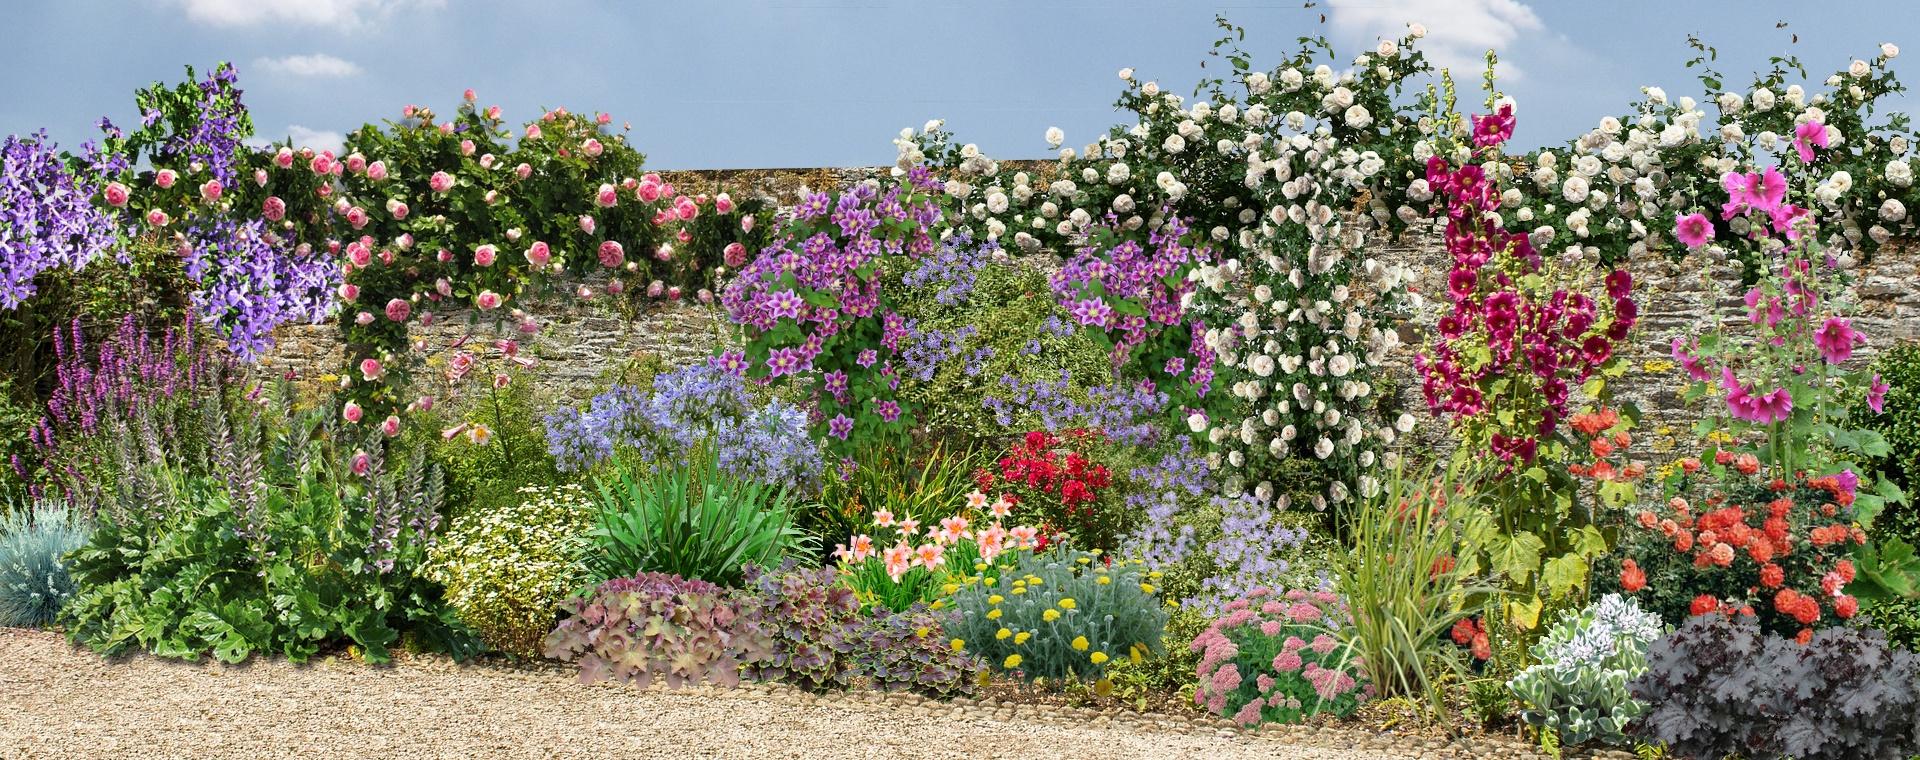 Quoi Planter Dans Une Terre Argileuse comment fleurir un mur ensoleillé au sud dans le jardin :